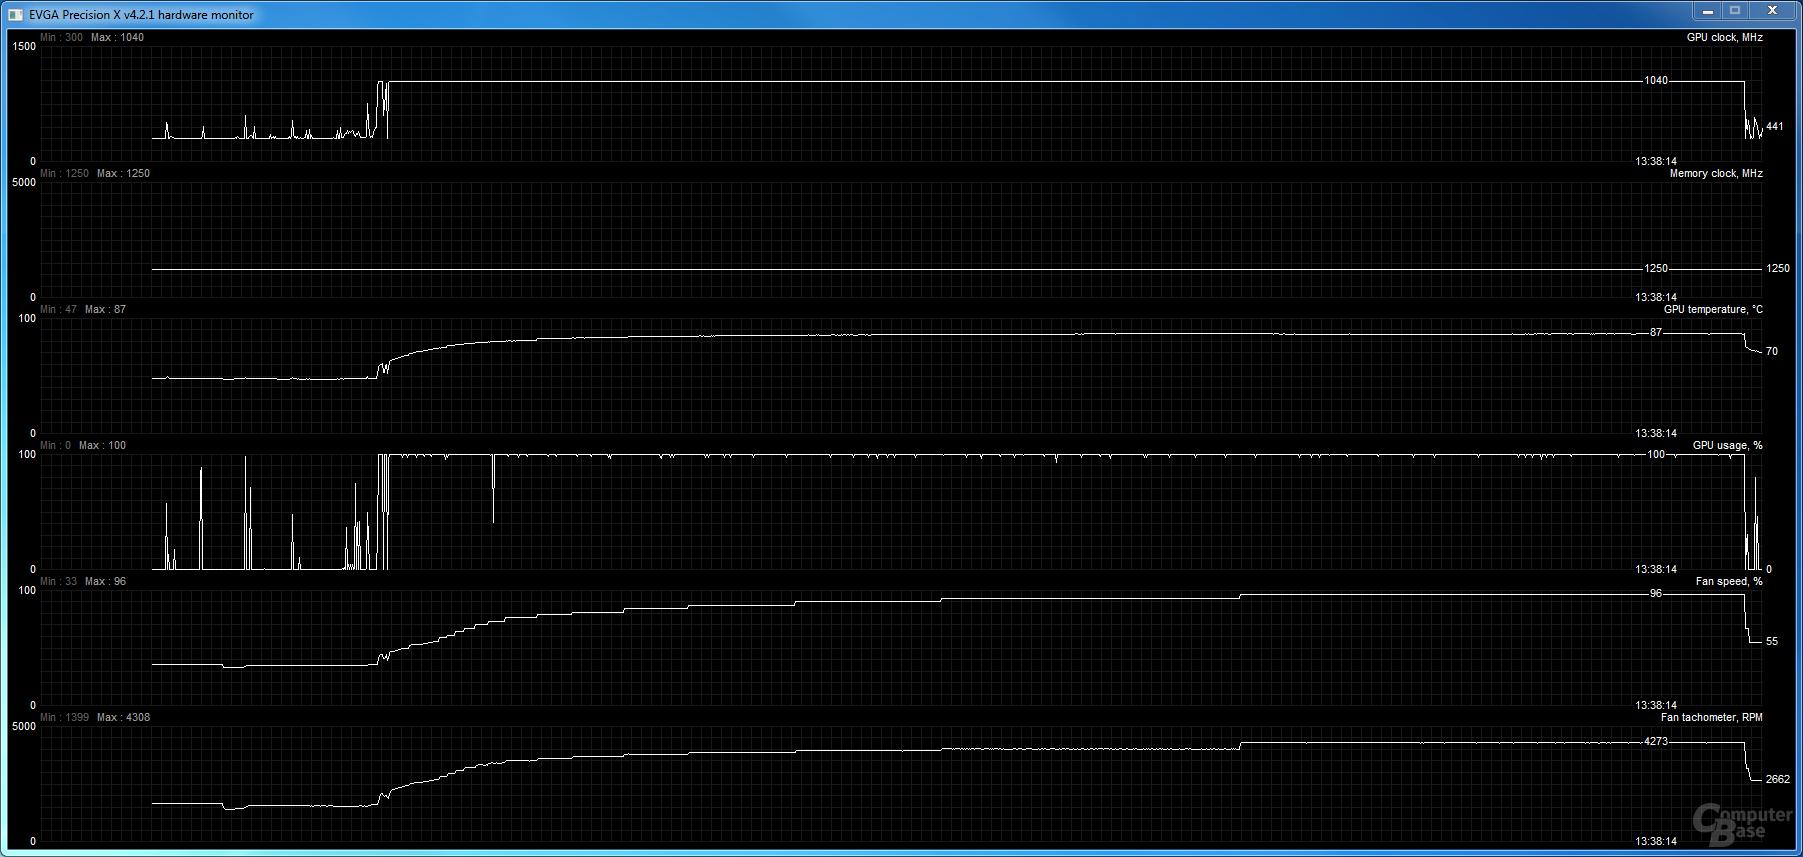 Uber-Modus der Gigabyte Radeon R9 290X mit aggressiven Lüfterdrehzahlen